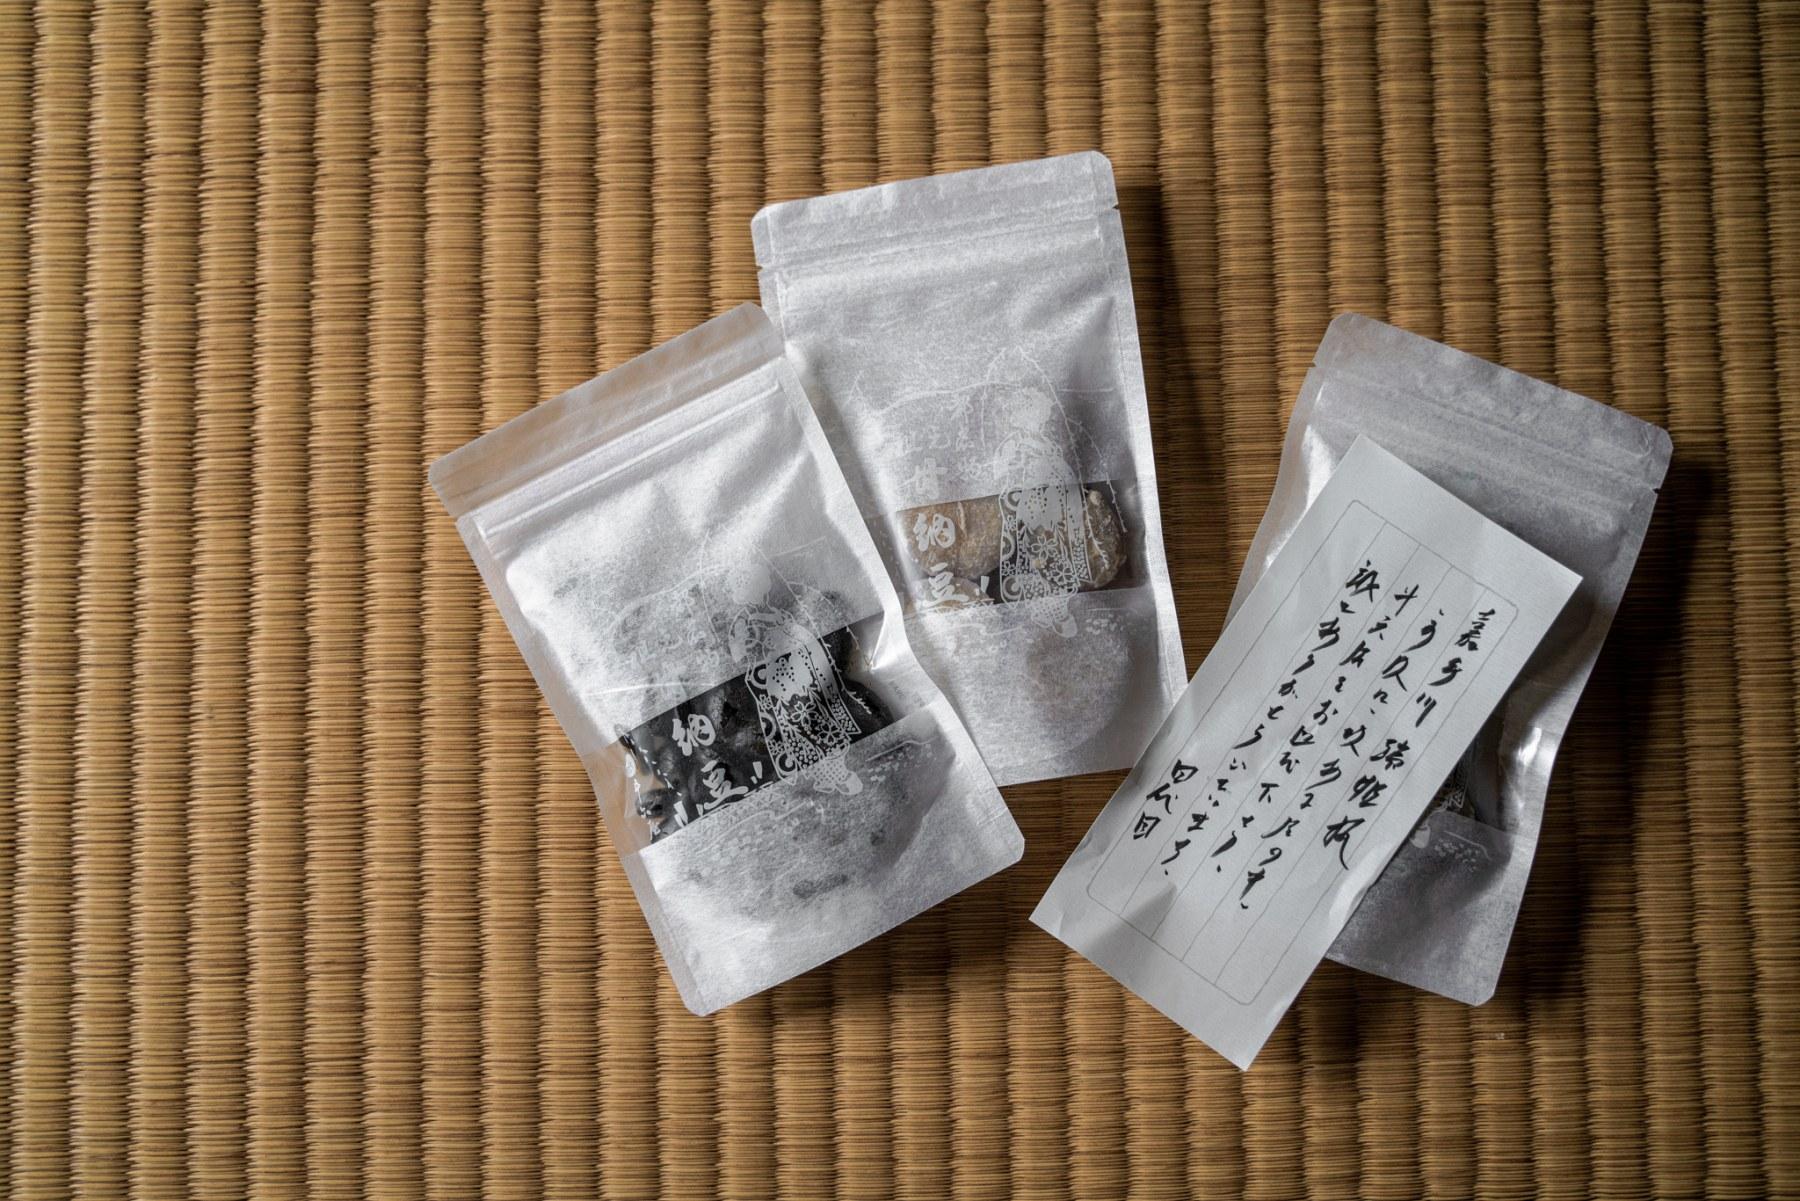 お取り寄せのチョコ菓子・カカオ菓子④京都・斗六屋とDari Kのコラボ「加加阿甘納豆」